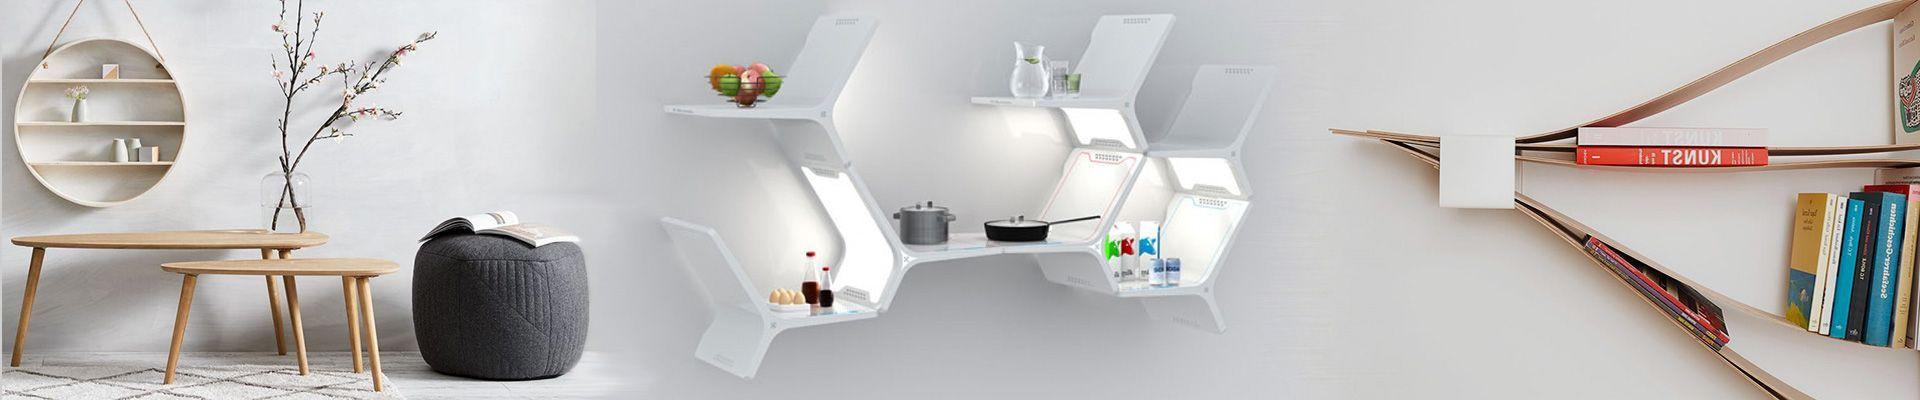 Các sản phẩm đồ dùng văn phòng thông minh, sáng tạo, độc đáo, đa năng